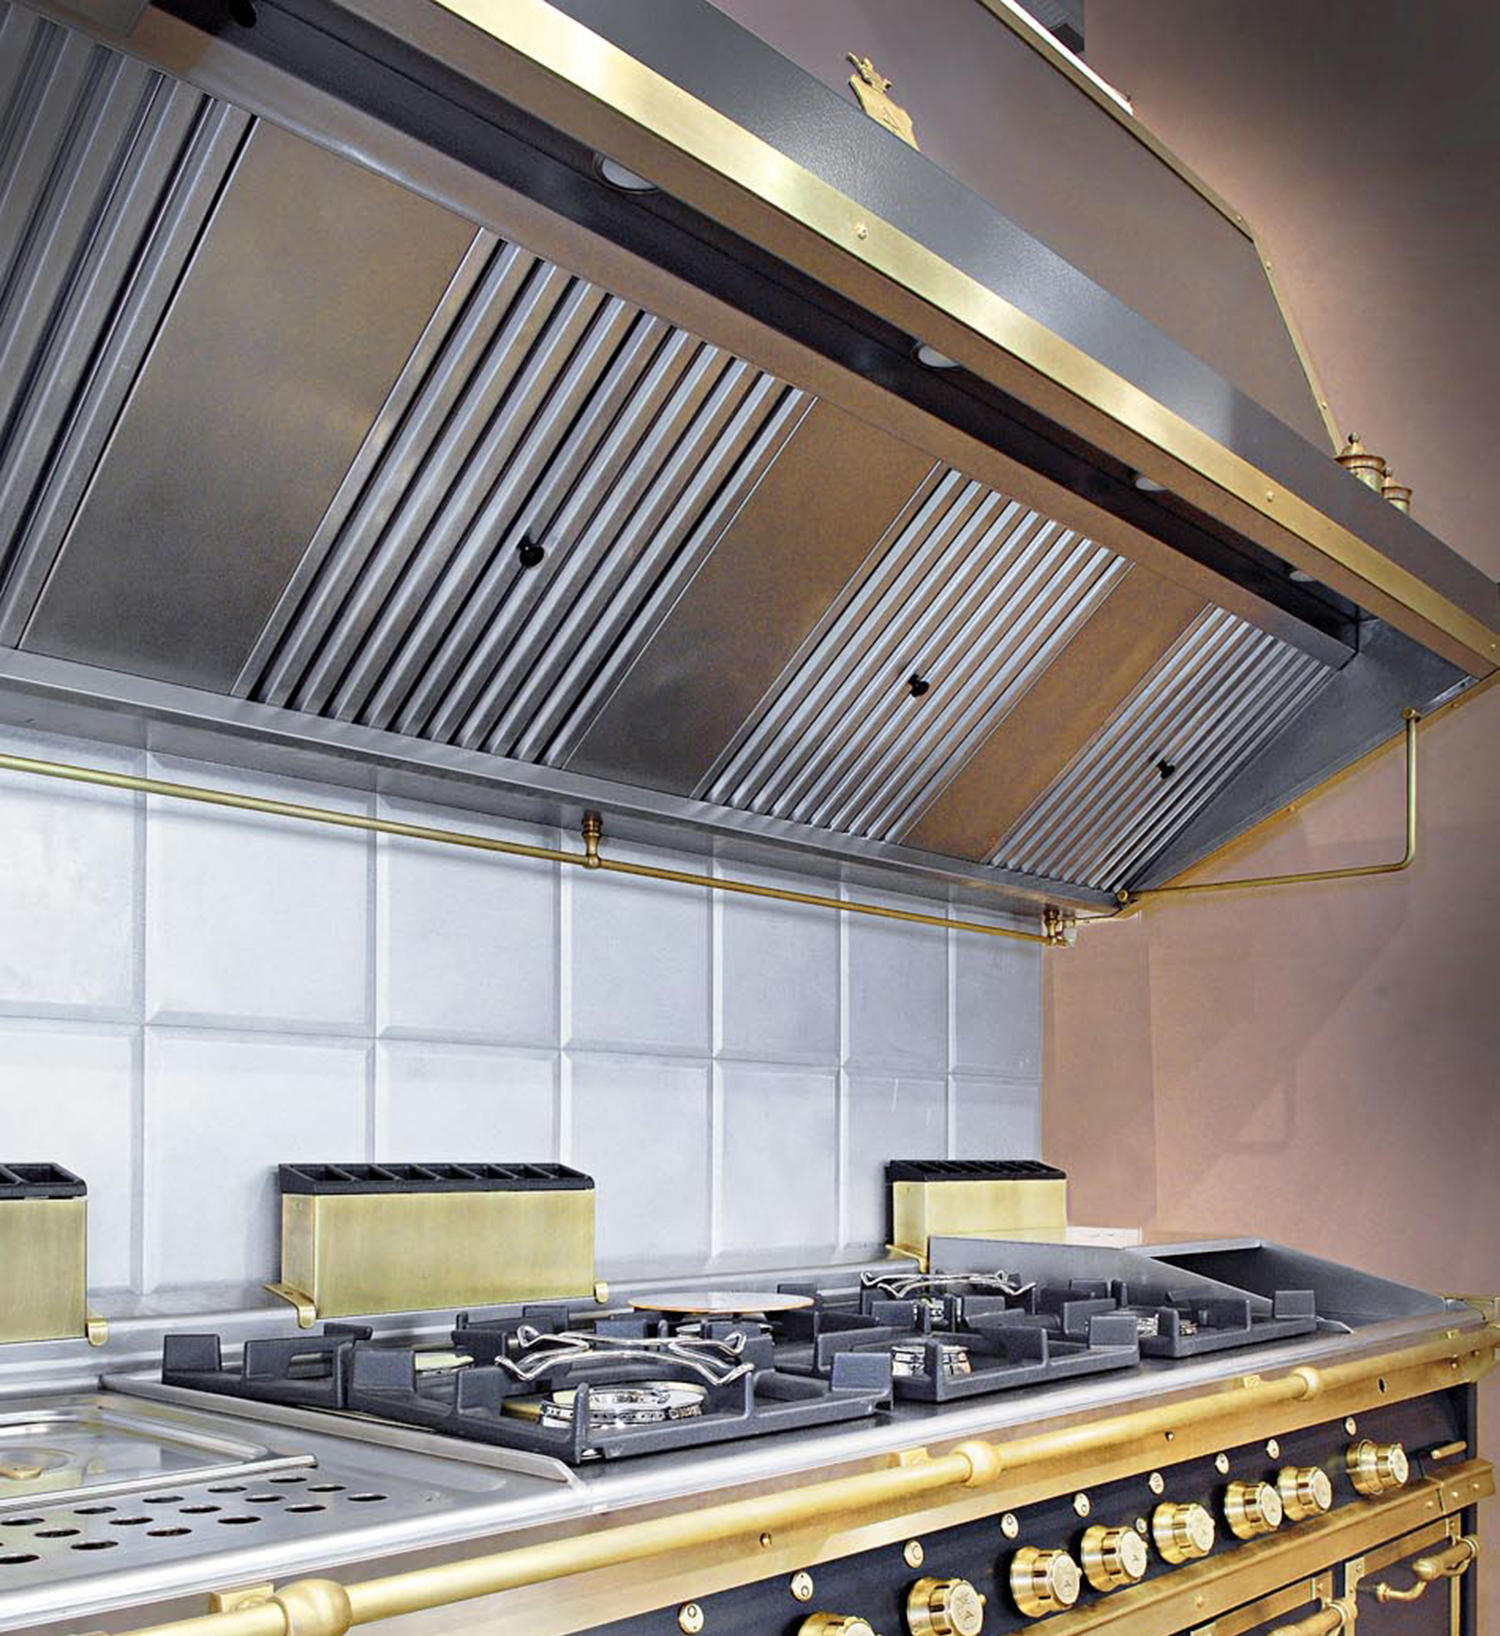 Abzugshaube ogc001 kuchenabzugshauben von officine gullo for Küchenabzugshauben